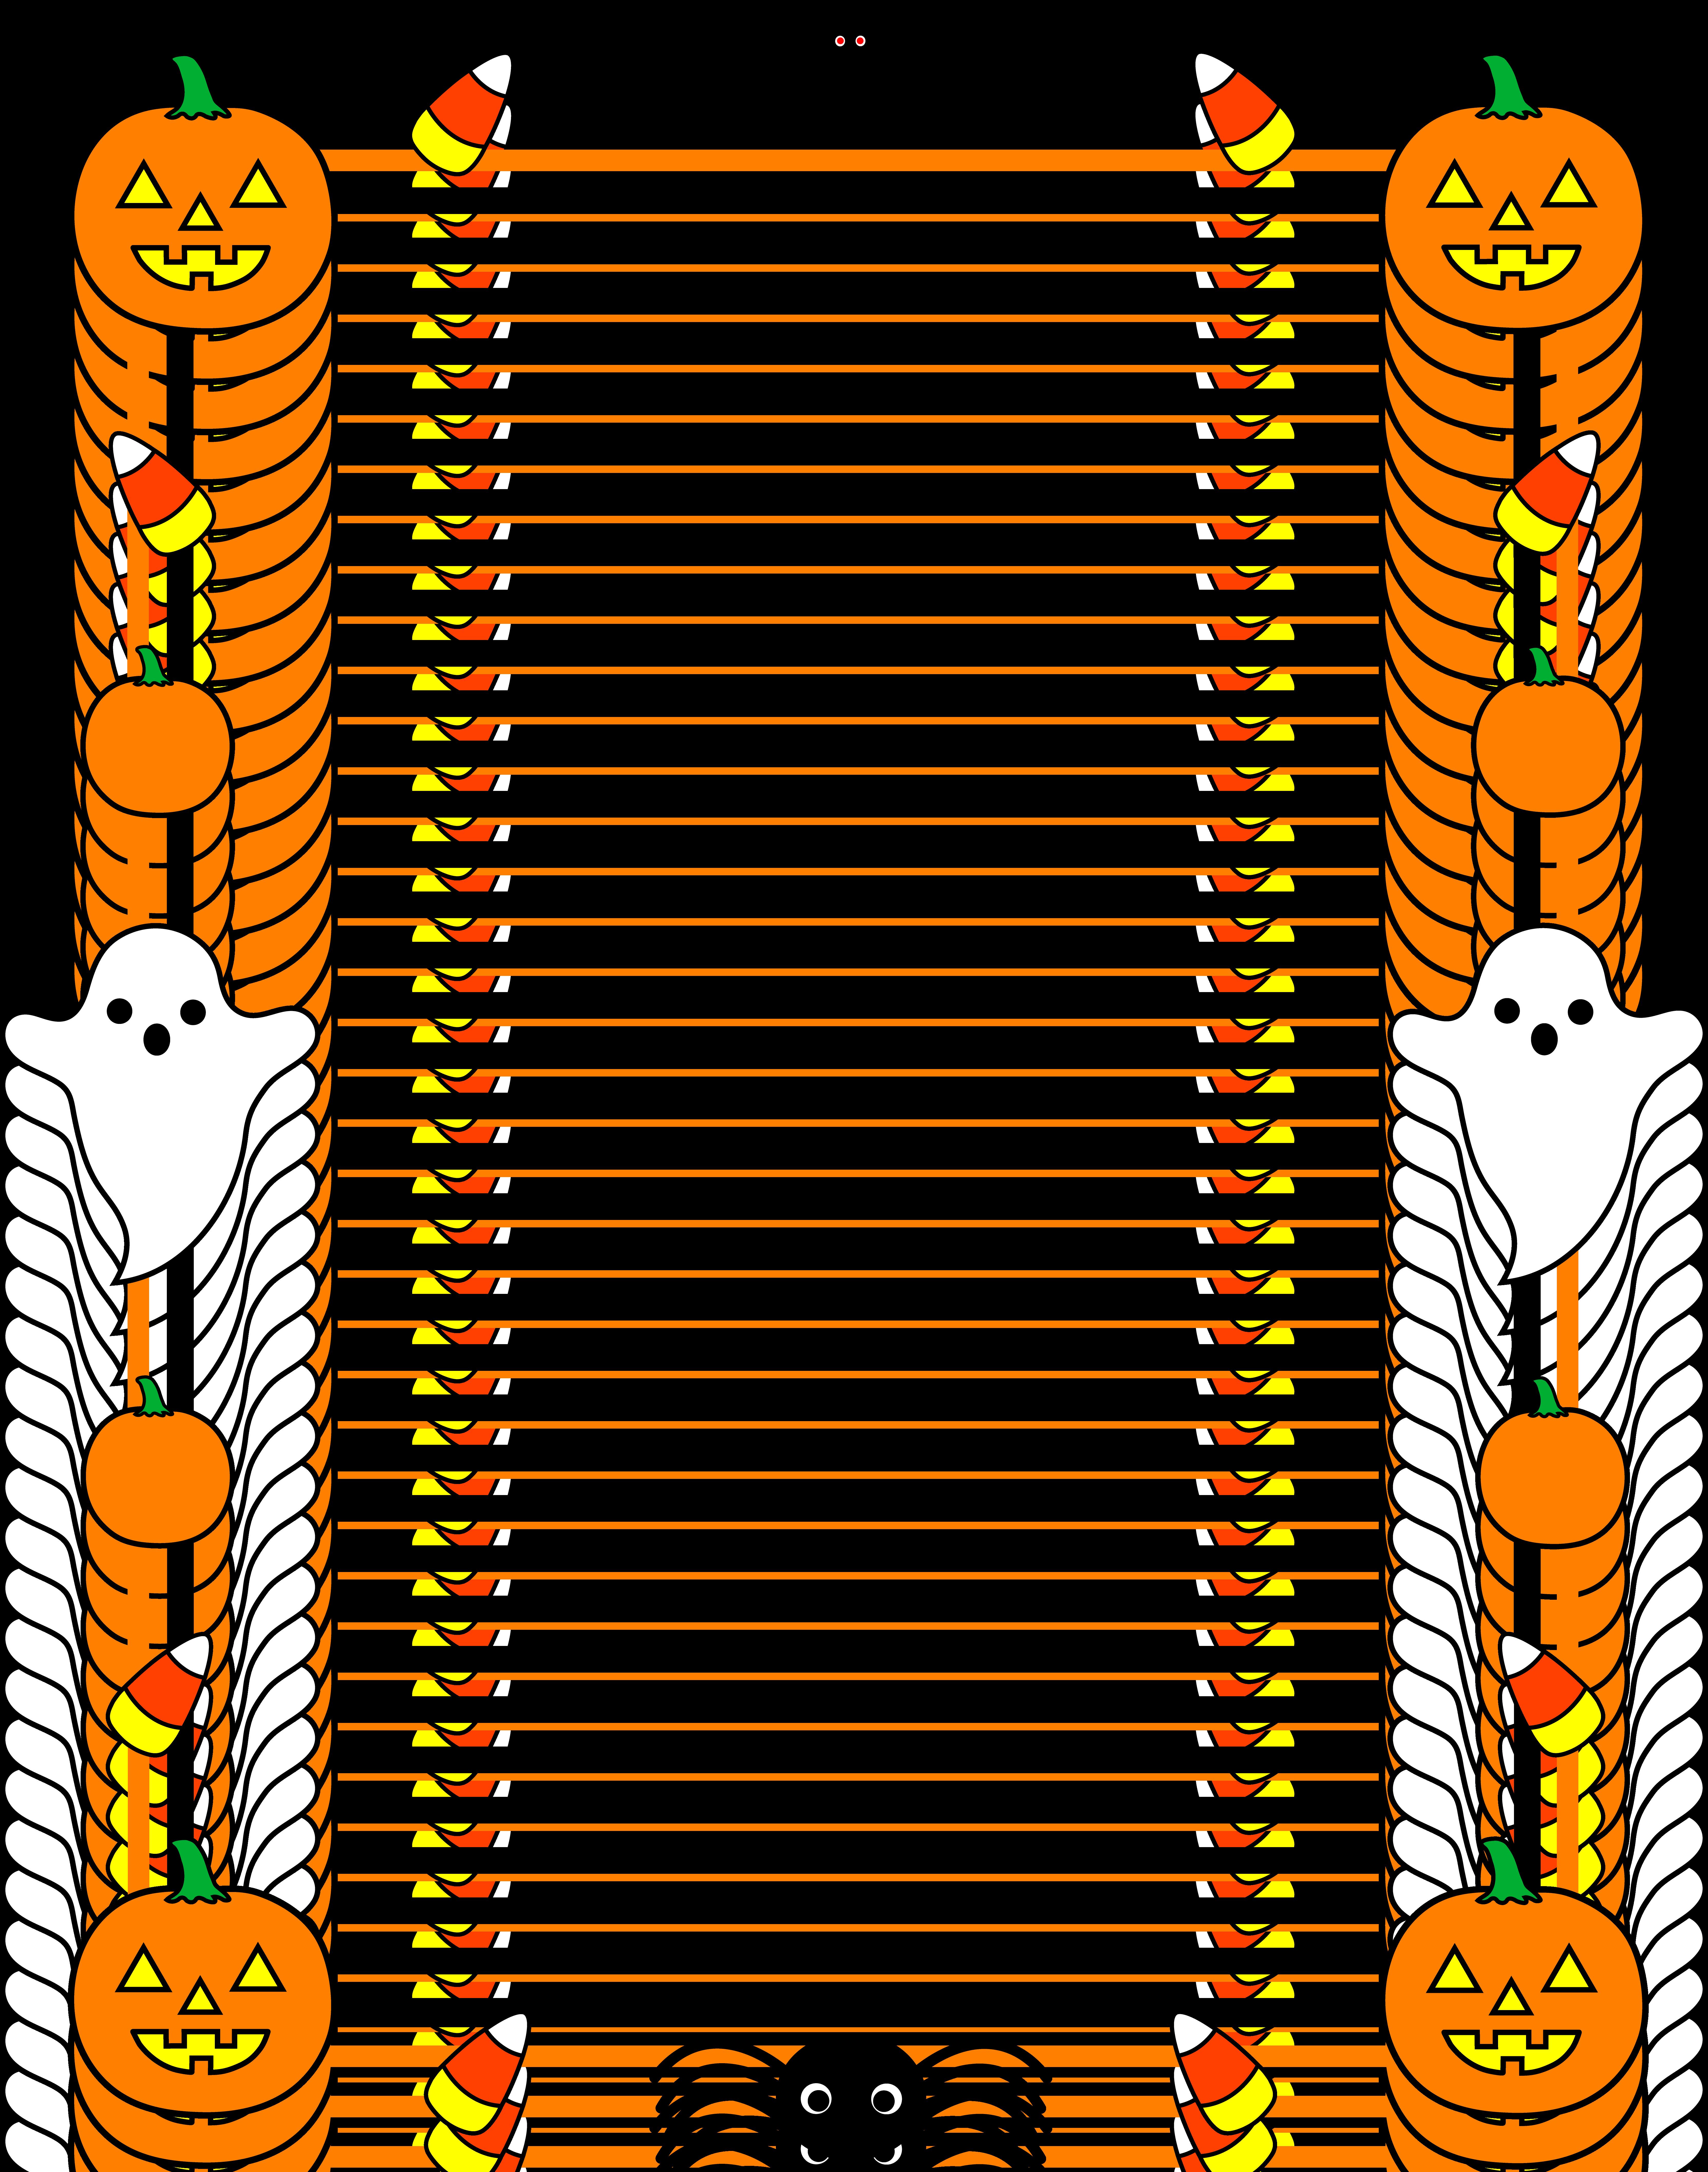 6655x8464 Pumpkin border clipart free images 4 –